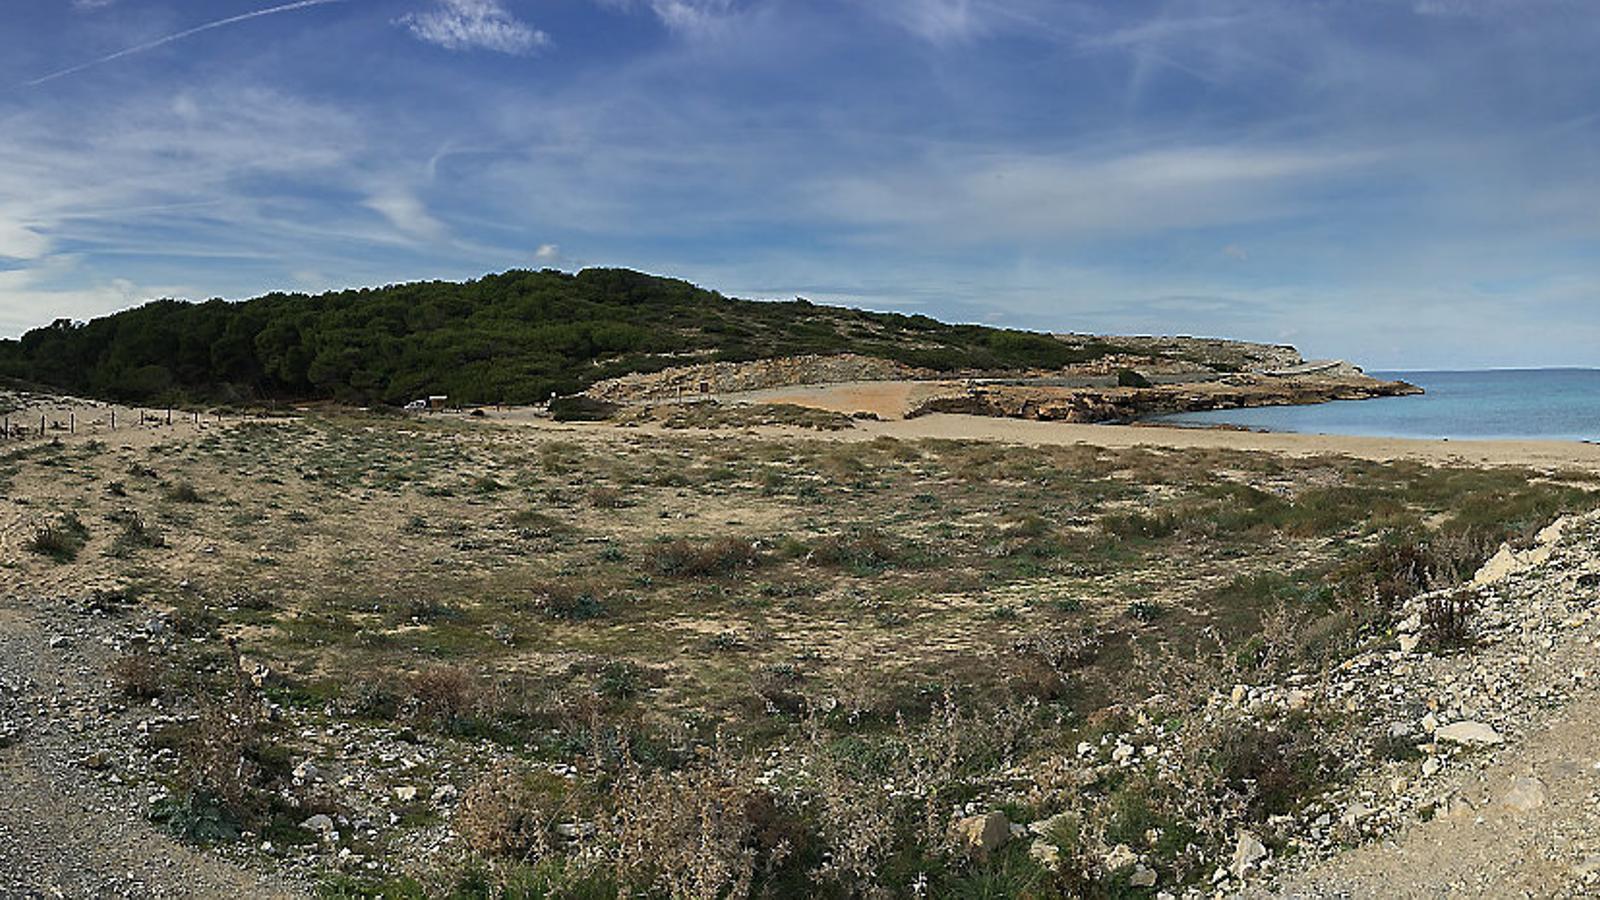 La protecció dels sistemes dunars és una  prioritat del Pla de gestió del litoral. A la foto, Cala Mitjana.